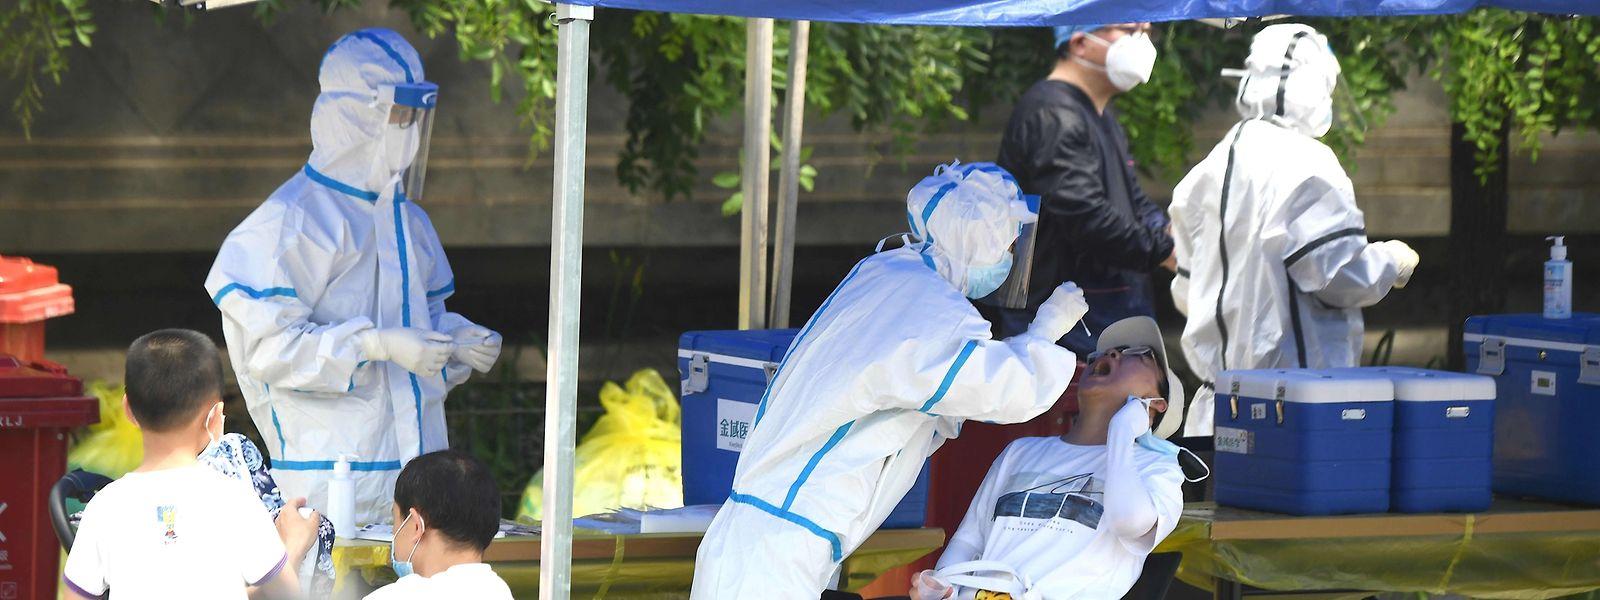 Pékin a porté sa capacité quotidienne de dépistage à plus de 90.000 personnes par jour.